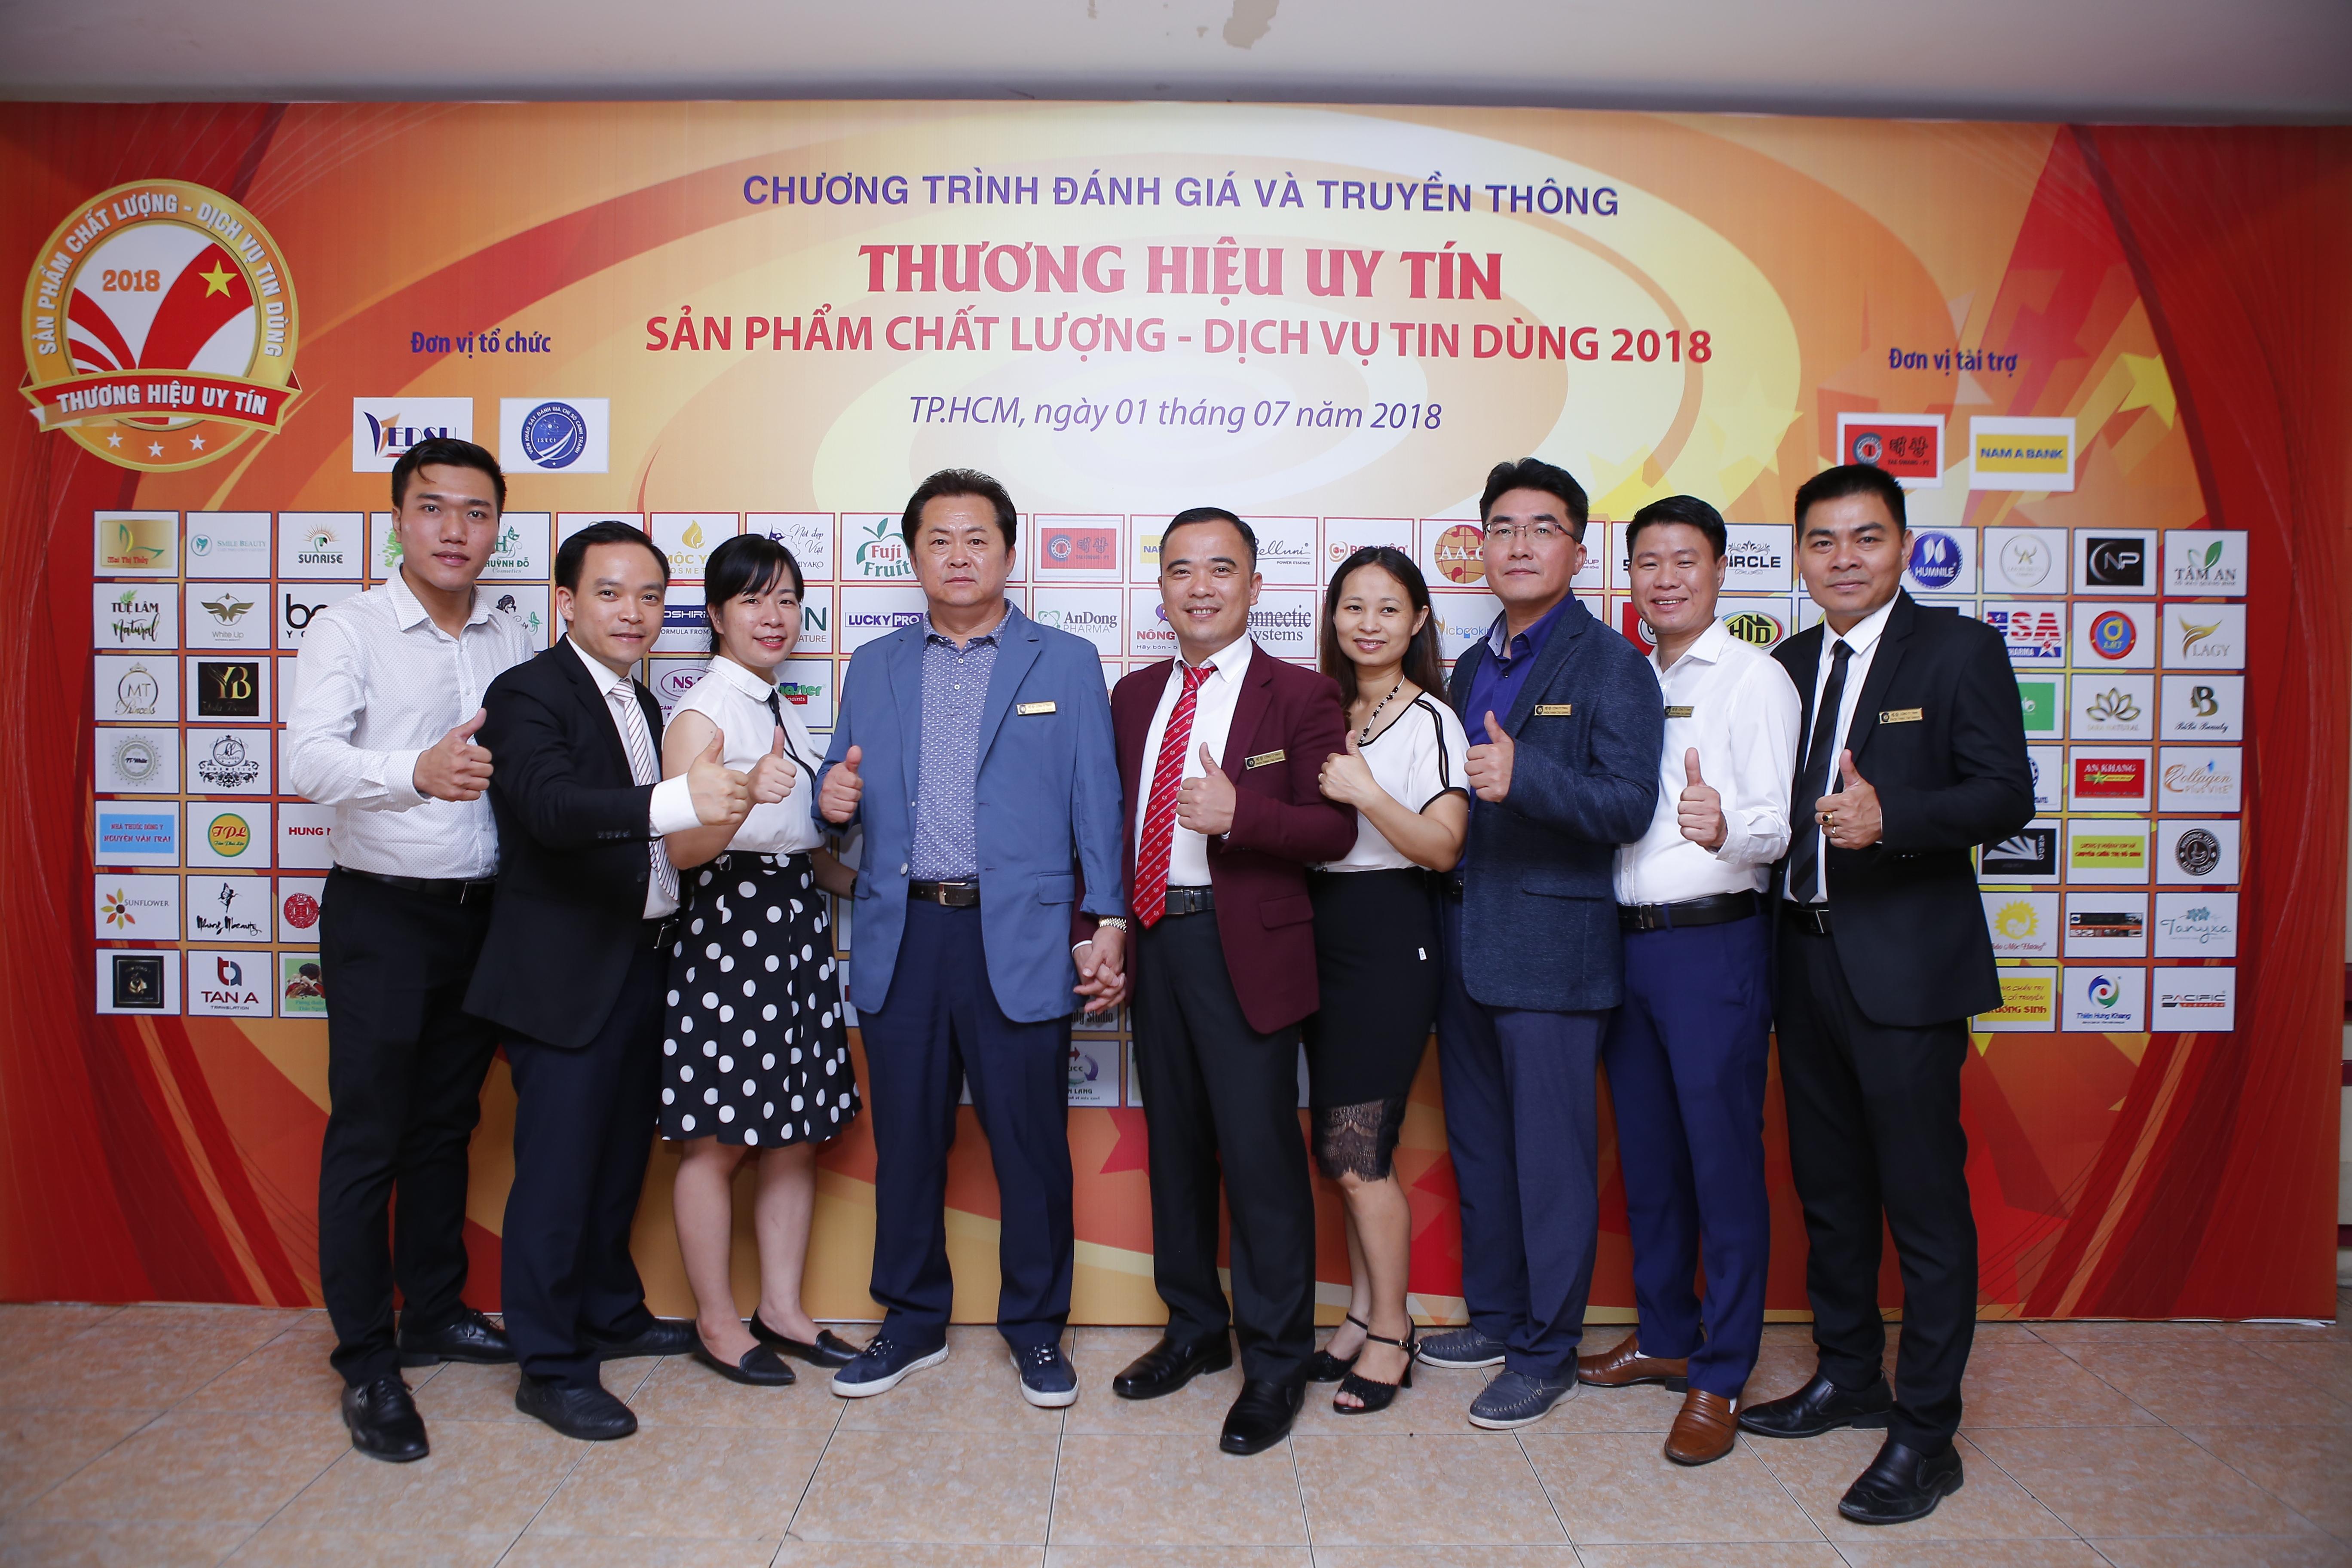 PHỒN THỊNH TAE GWANG- Top 10 Thương Hiệu Uy Tín- Sản Phẩm Chất Lượng- Dịch Vụ Tin Dùng Lần V- Năm 2018